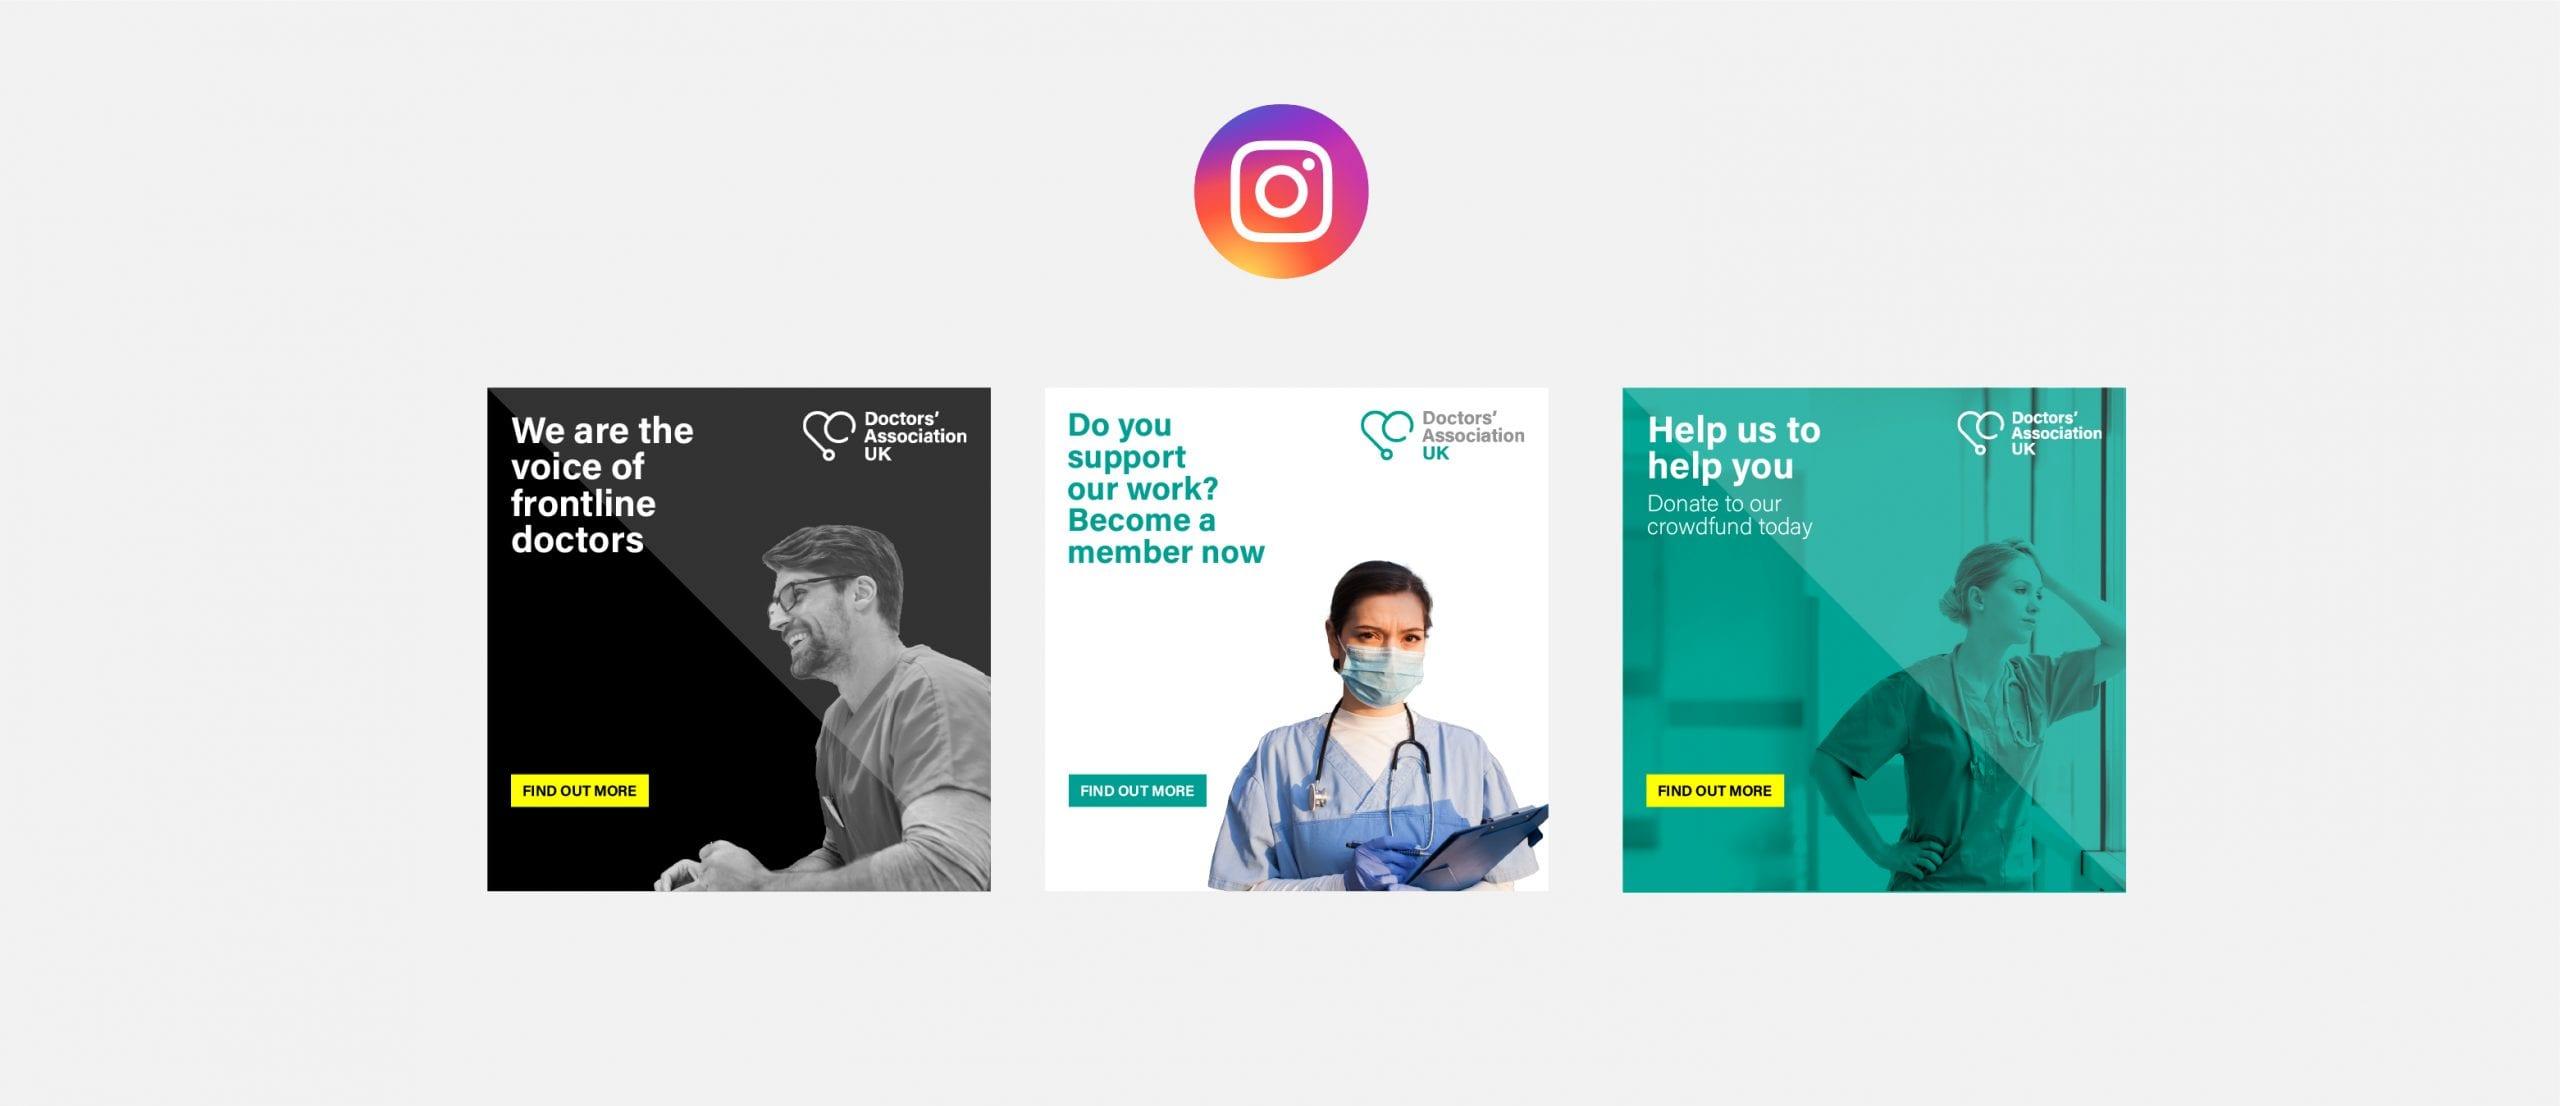 Doctors' Association UK Instagram posts